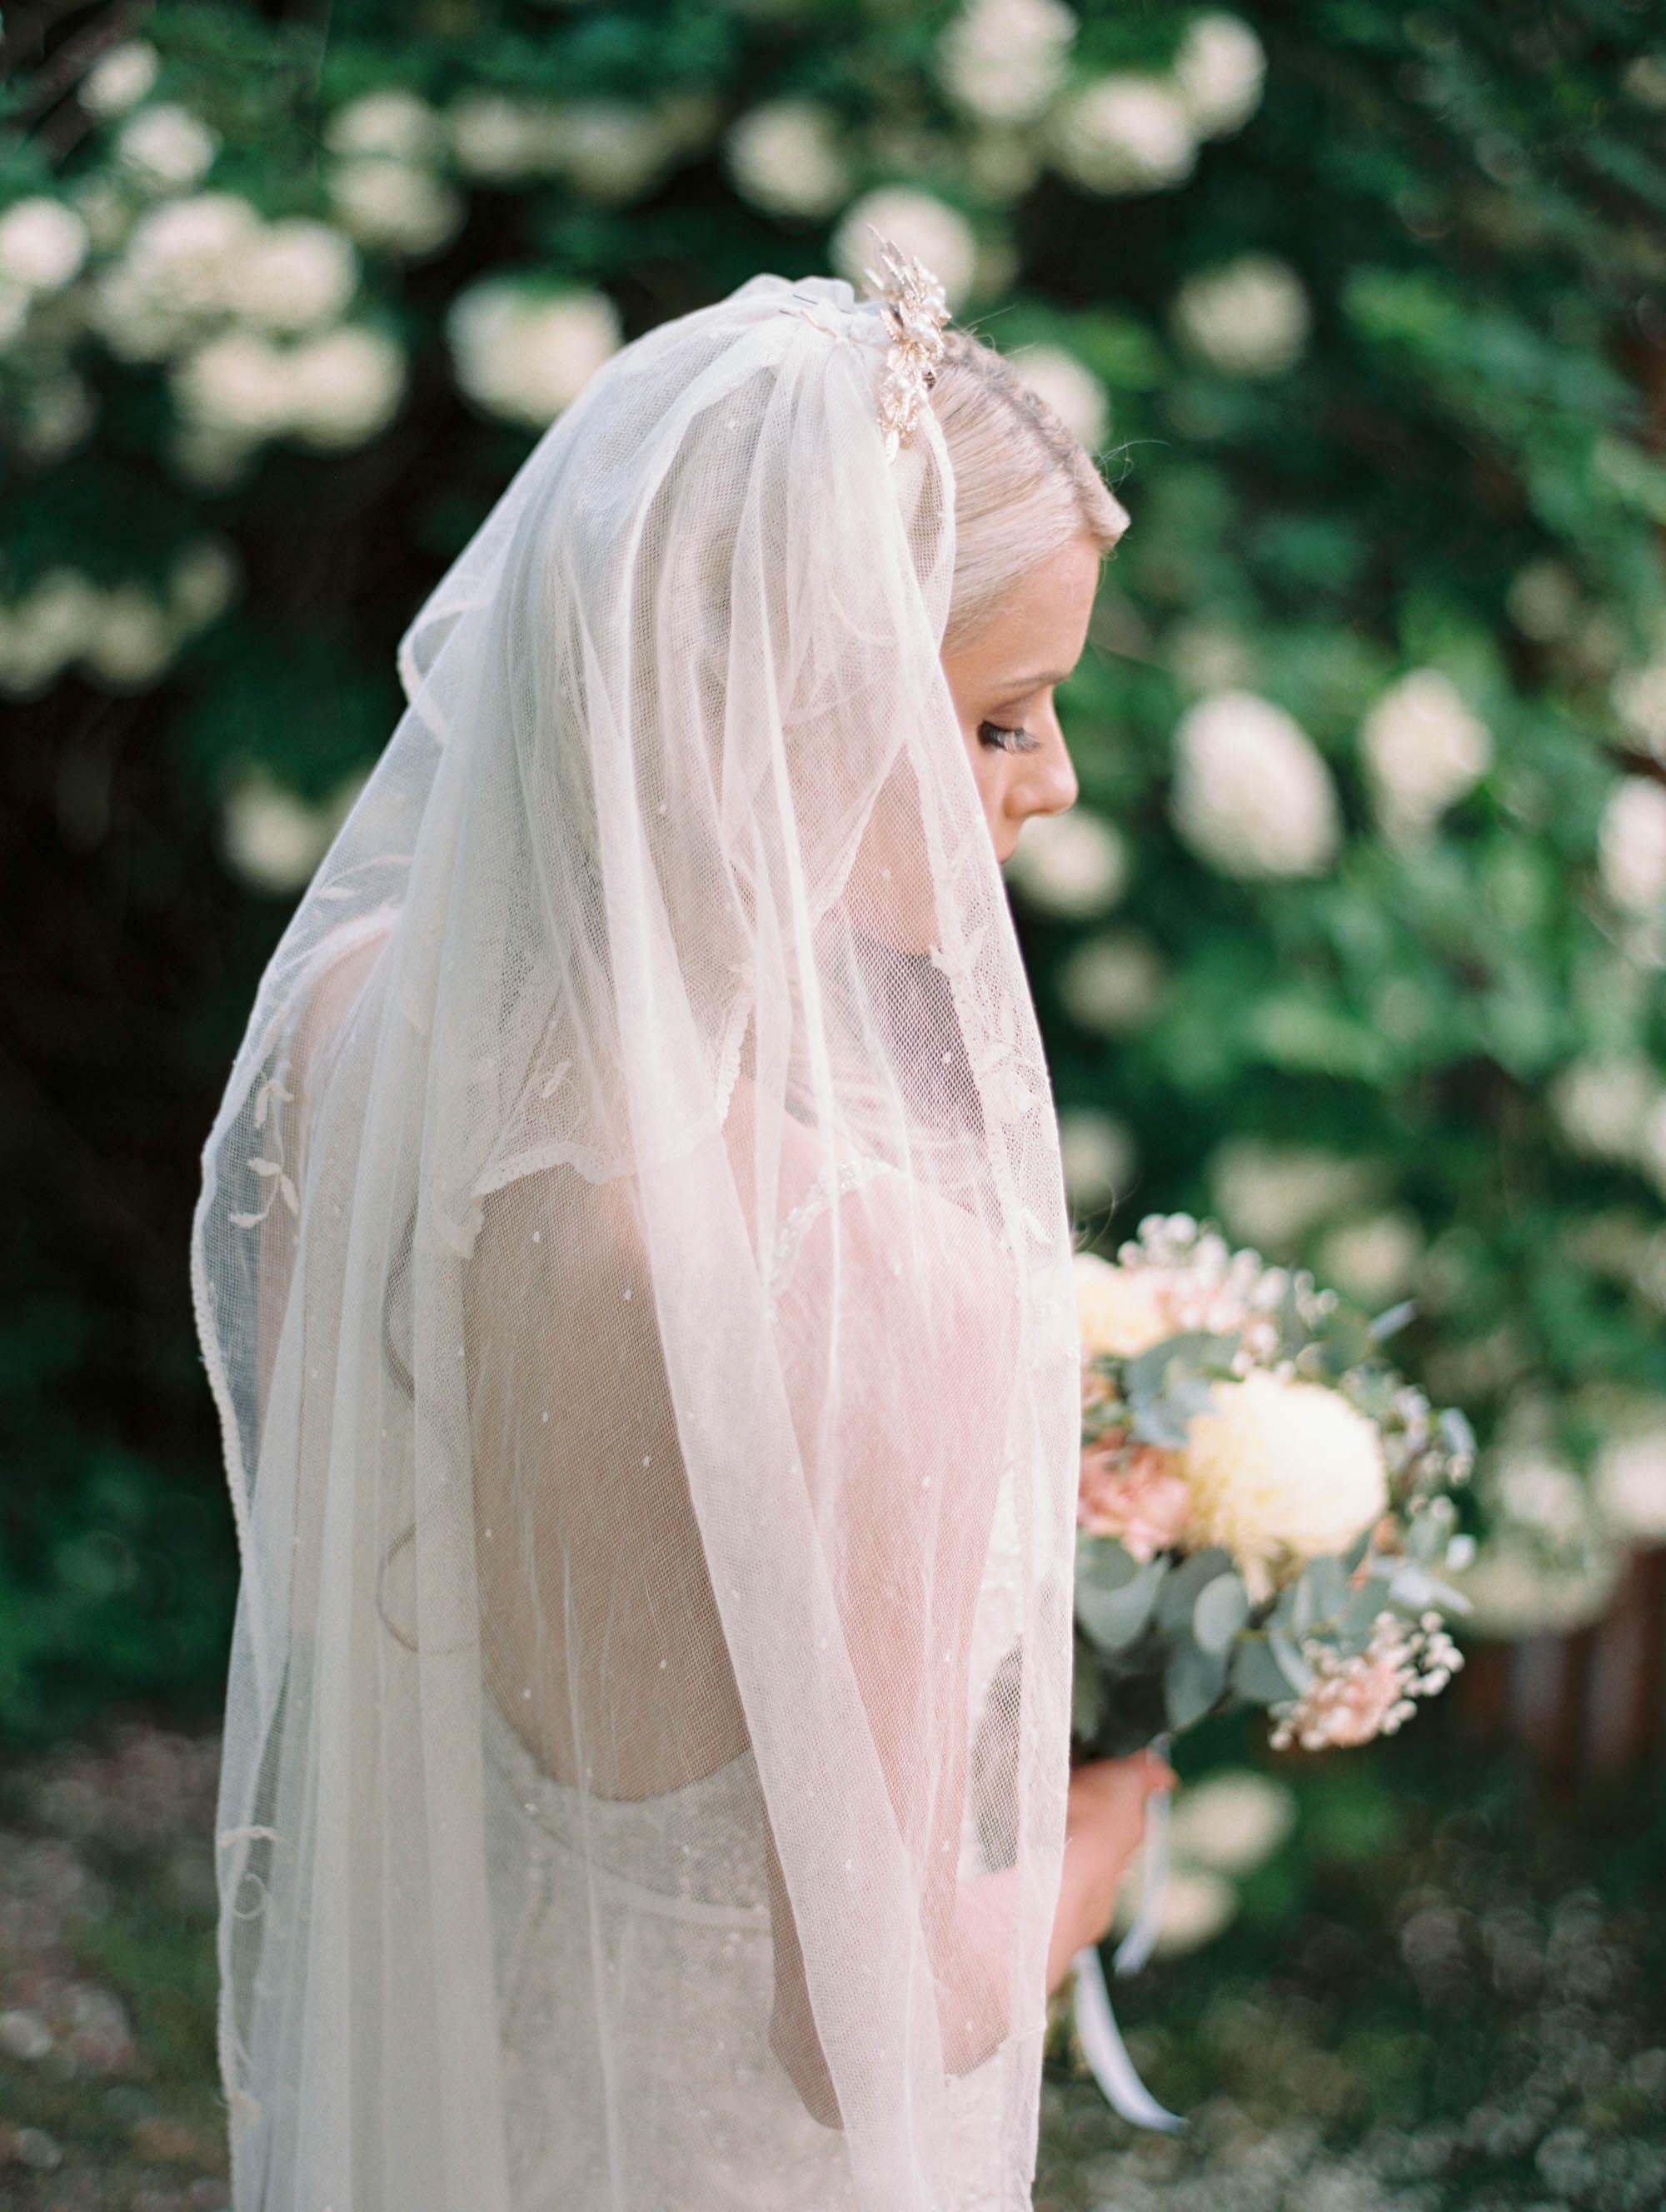 Whitehouse-hahndorf-wedding-photography-070.jpg